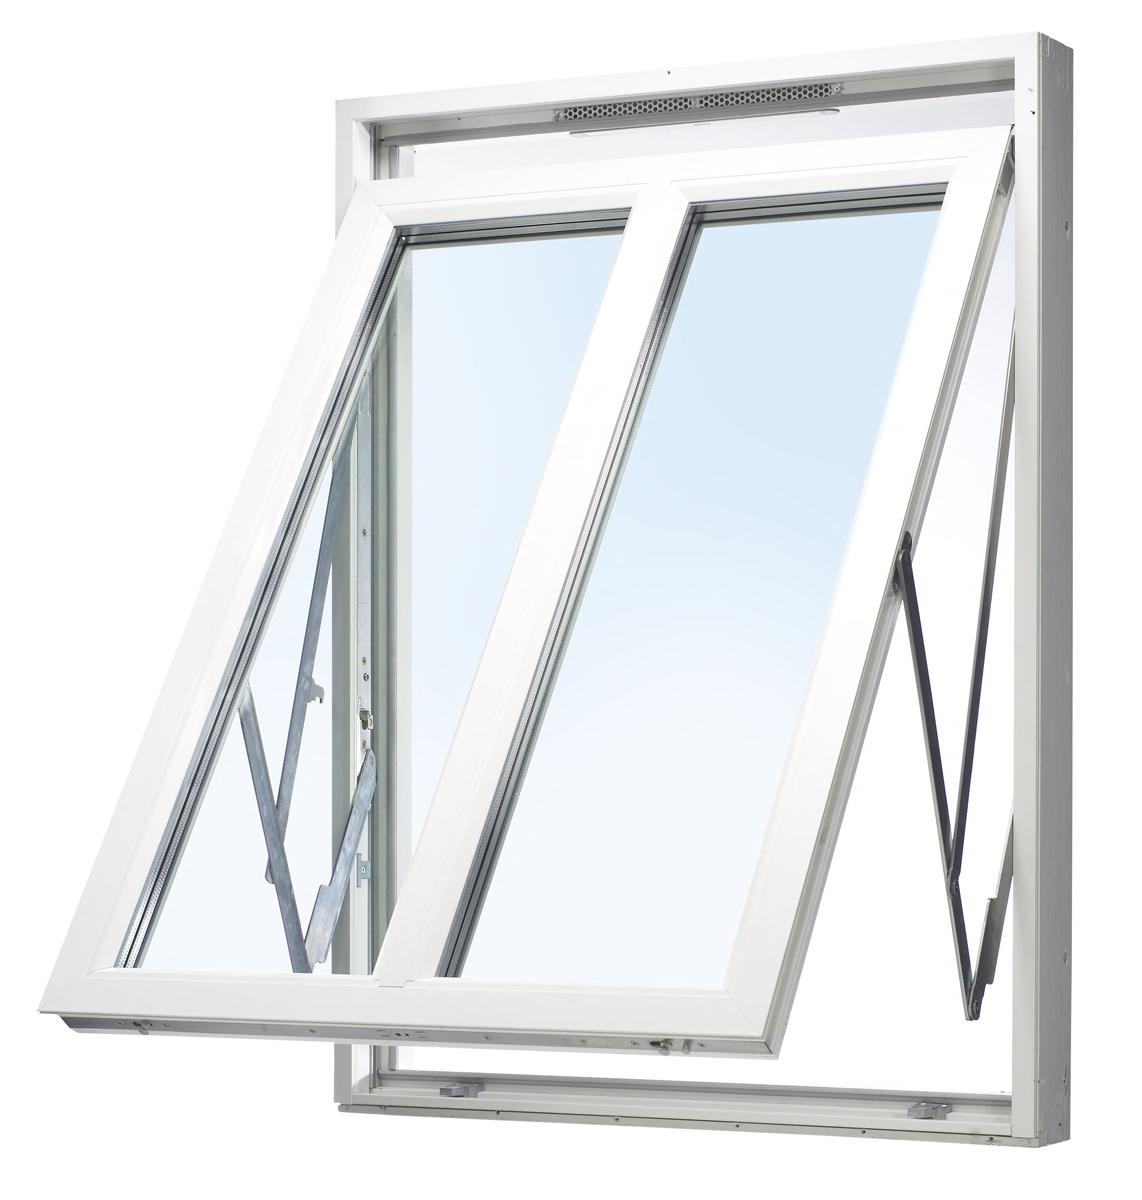 sp fönster